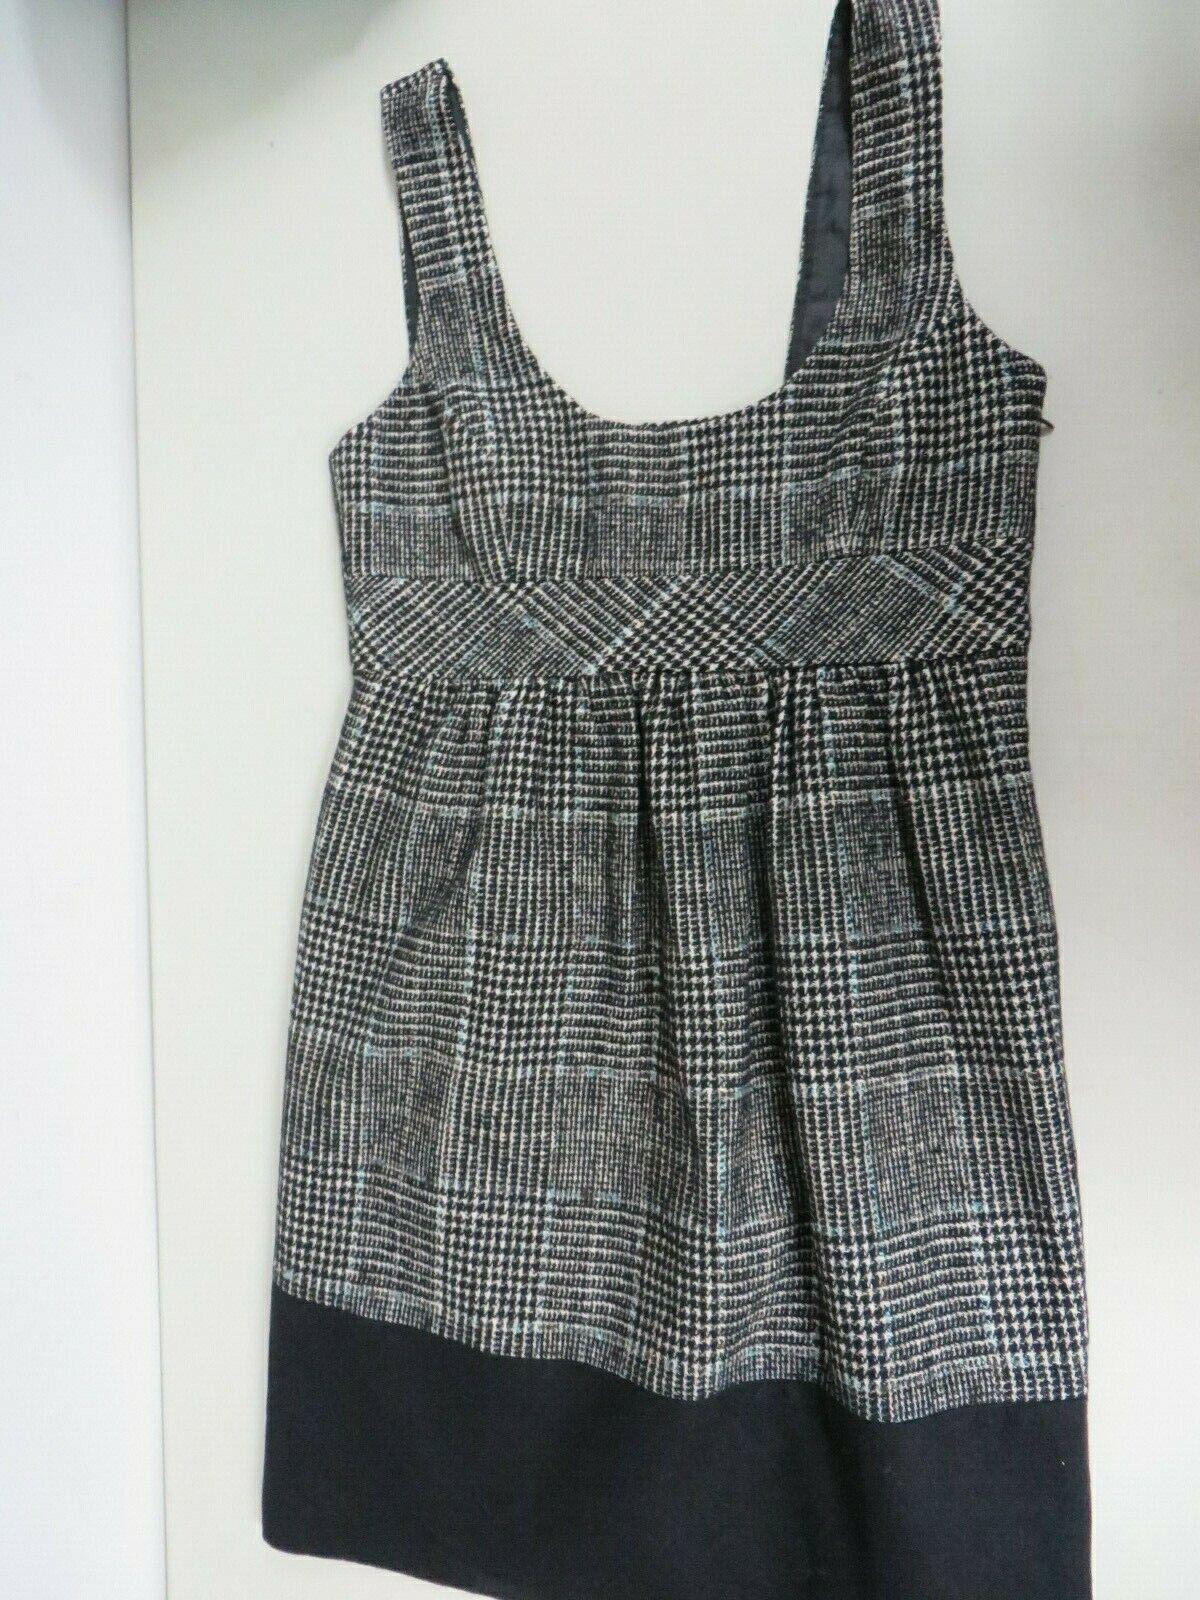 ZARA BASIC Wool blend Tweed Checkered Tartan  Bla… - image 1